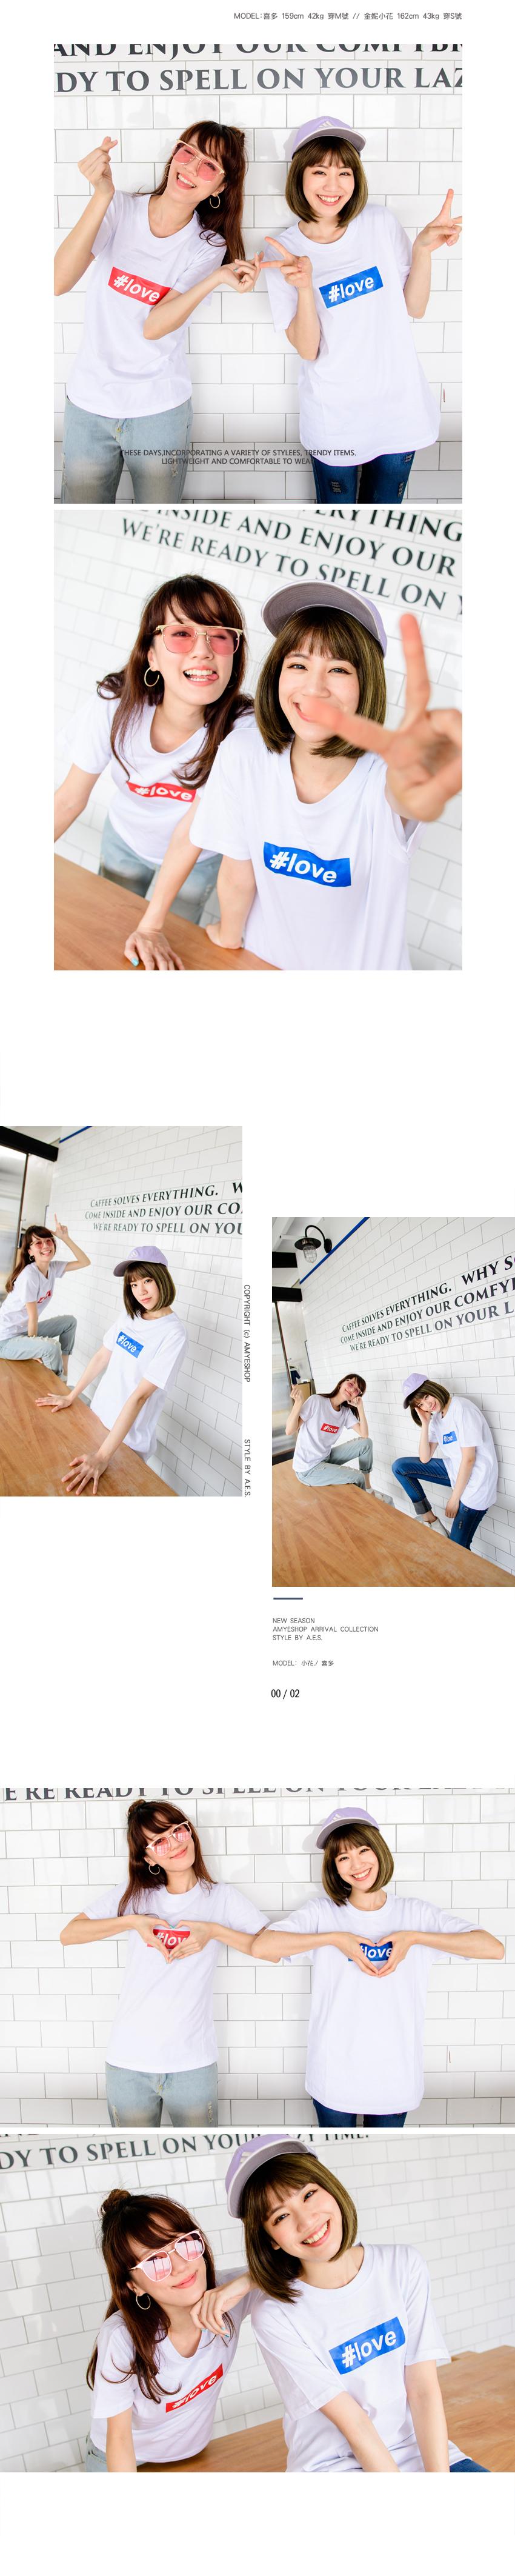 ◆快速出貨◆T恤.情侶裝.班服.MIT台灣製.獨家配對情侶裝.客製化.純棉短T.#love【Y0206】可單買.艾咪E舖